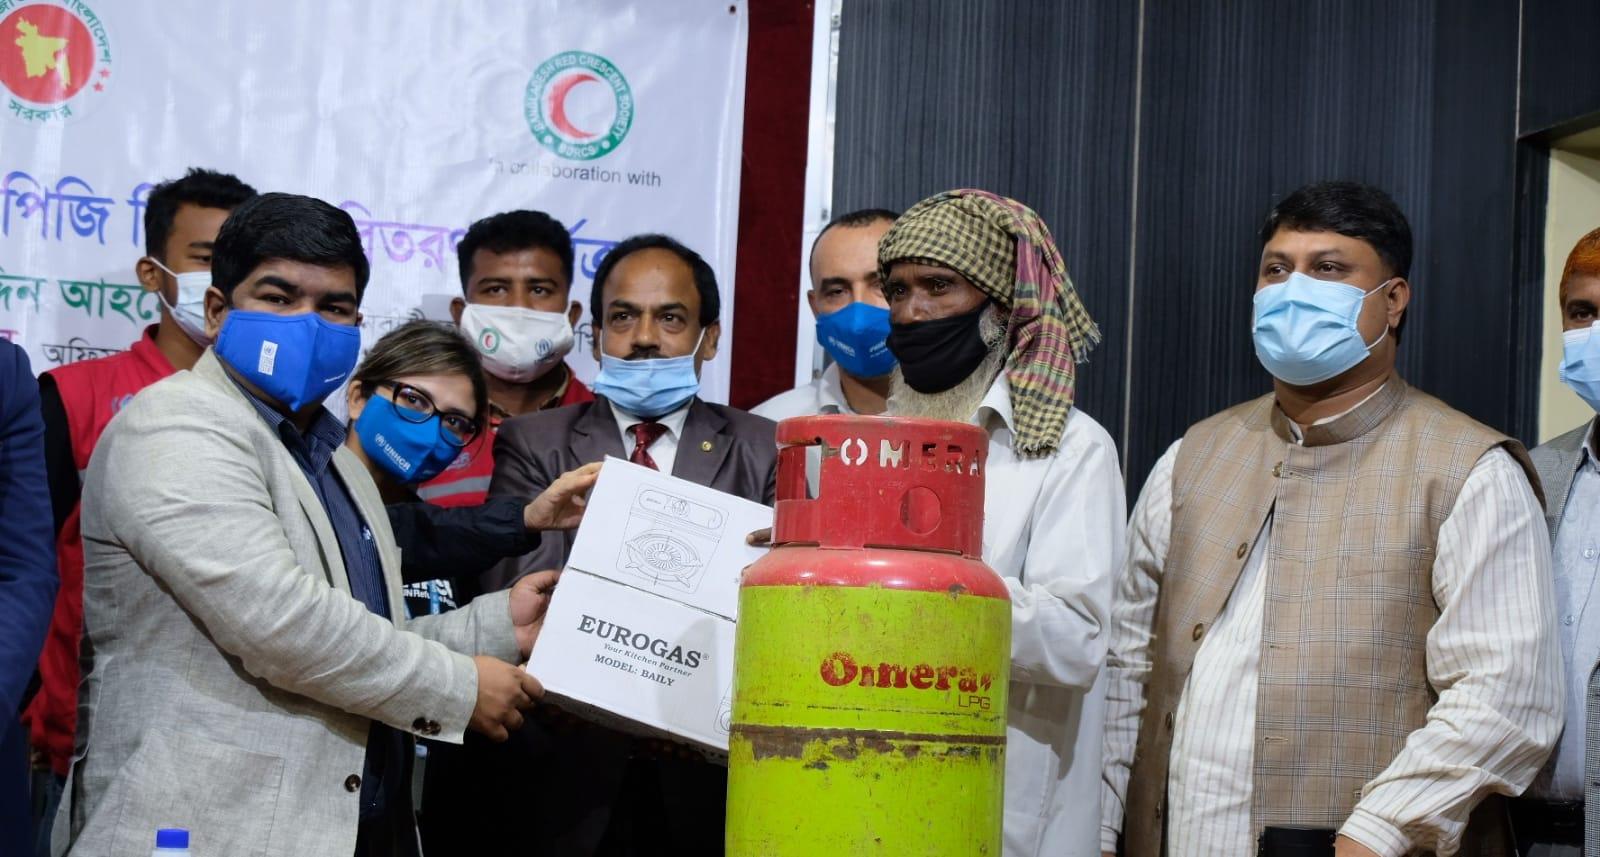 কক্সবাজারের উখিয়ায় ৫,৭৭০ স্থানীয় পরিবারে এলপিজি গ্যাস সিলিন্ডার ও চুলা বিতরণ করল UNHCR